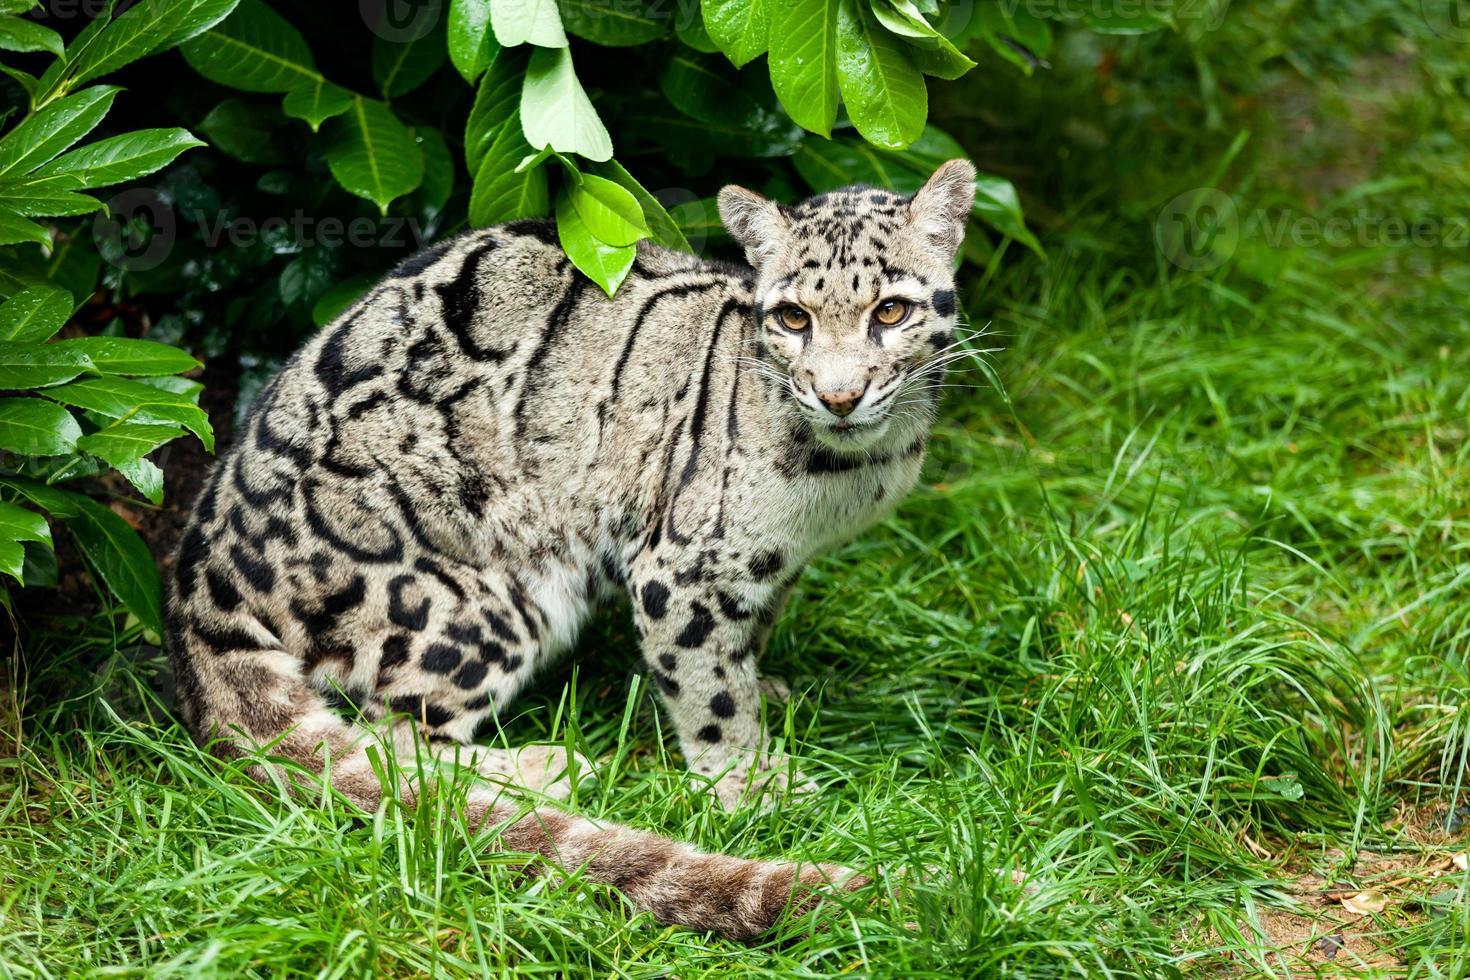 leopardo nublado hembra sentado bajo bush foto